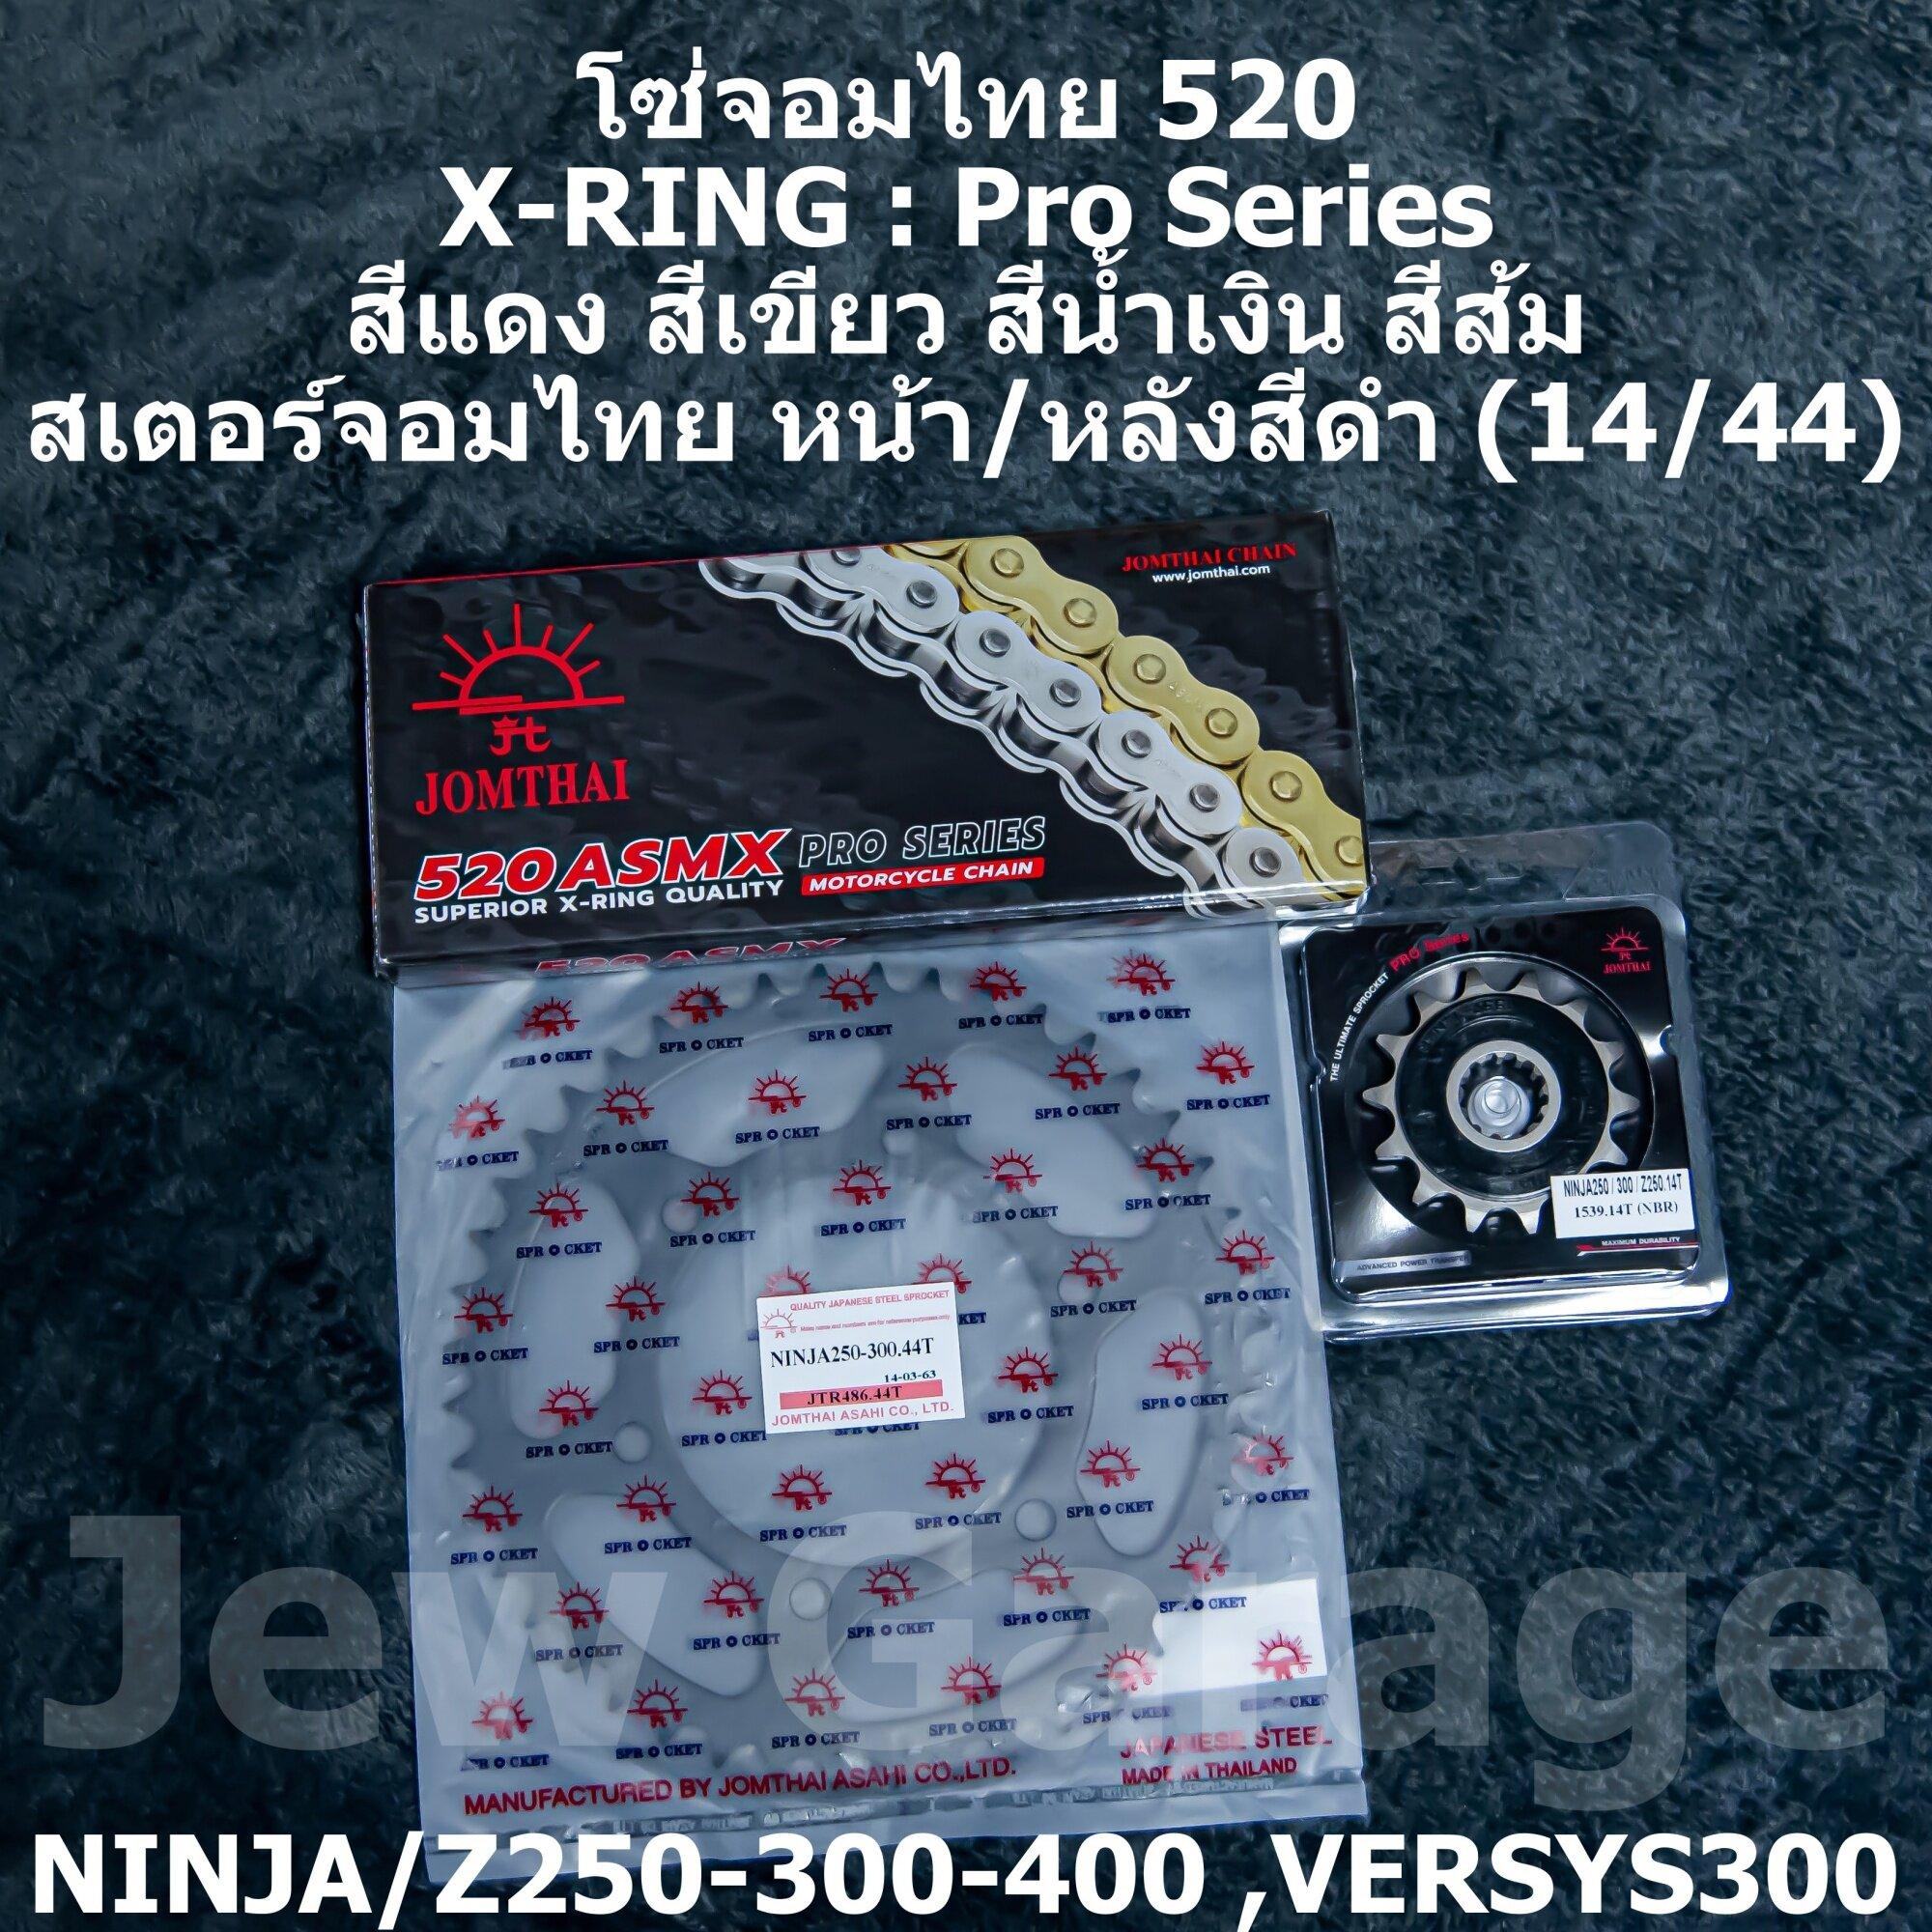 แนะนำ ชุดโซ่สเตอร์จอมไทย Jomthai : โซ่ 520 X-RING สีแดง ,สีเขียว ,สีน้ำเงิน ,สีส้ม และ สเตอร์หน้า + สเตอร์หลังสีดำ ขนาด 14/44 รถ NINJA250 NINJA300 NINJA400 Z250 Z300 Z400 VERSYS300